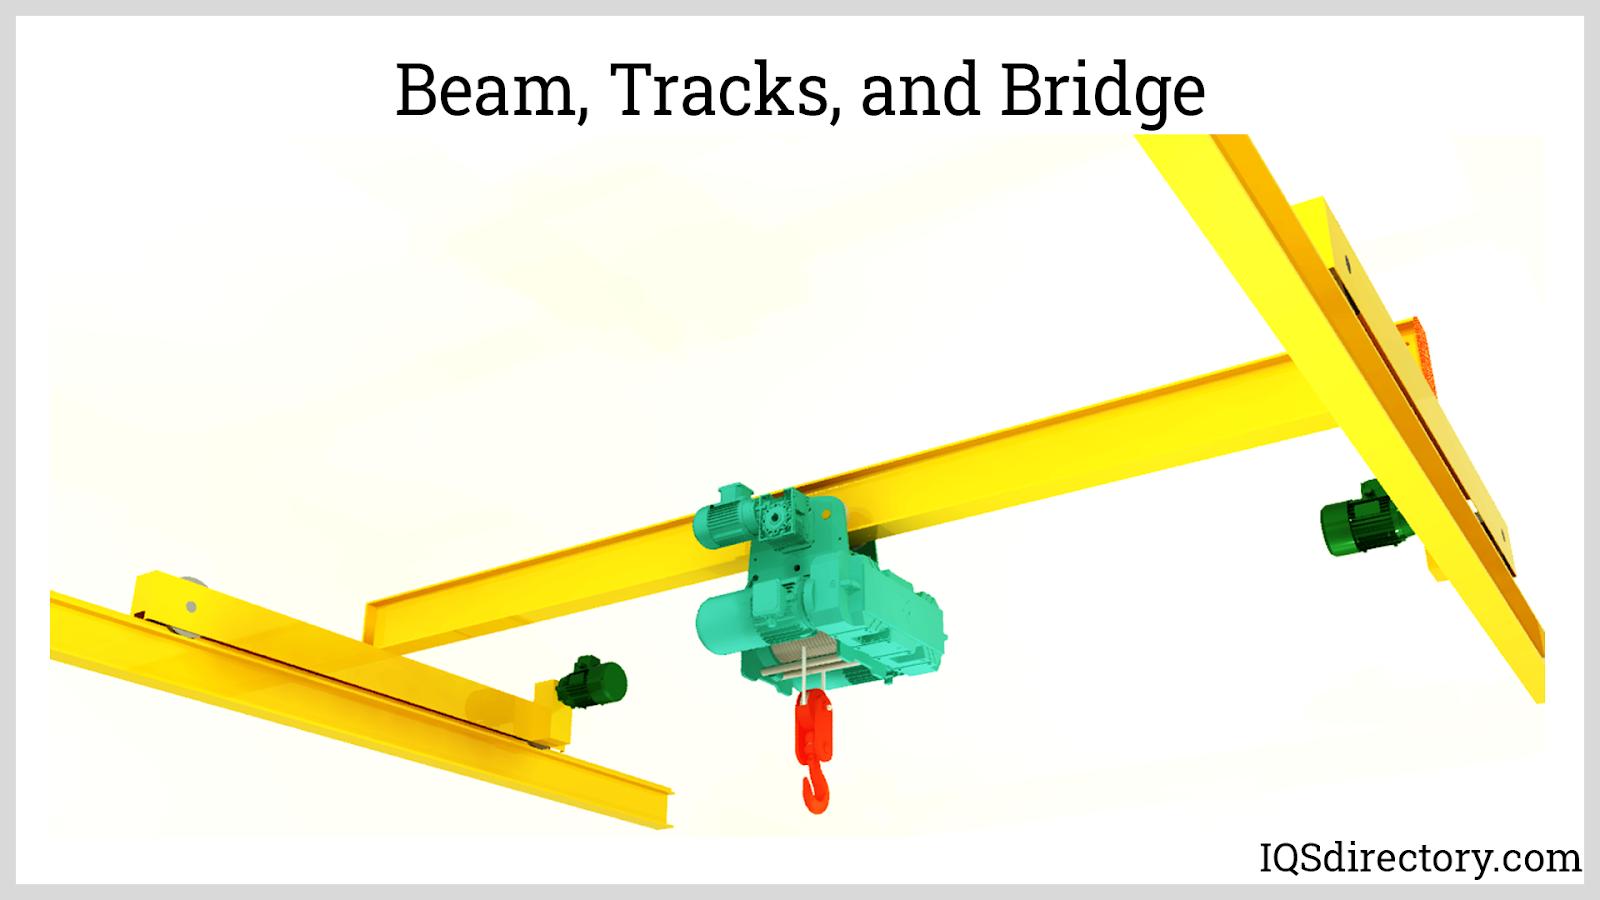 Beam, Tracks, and Bridge